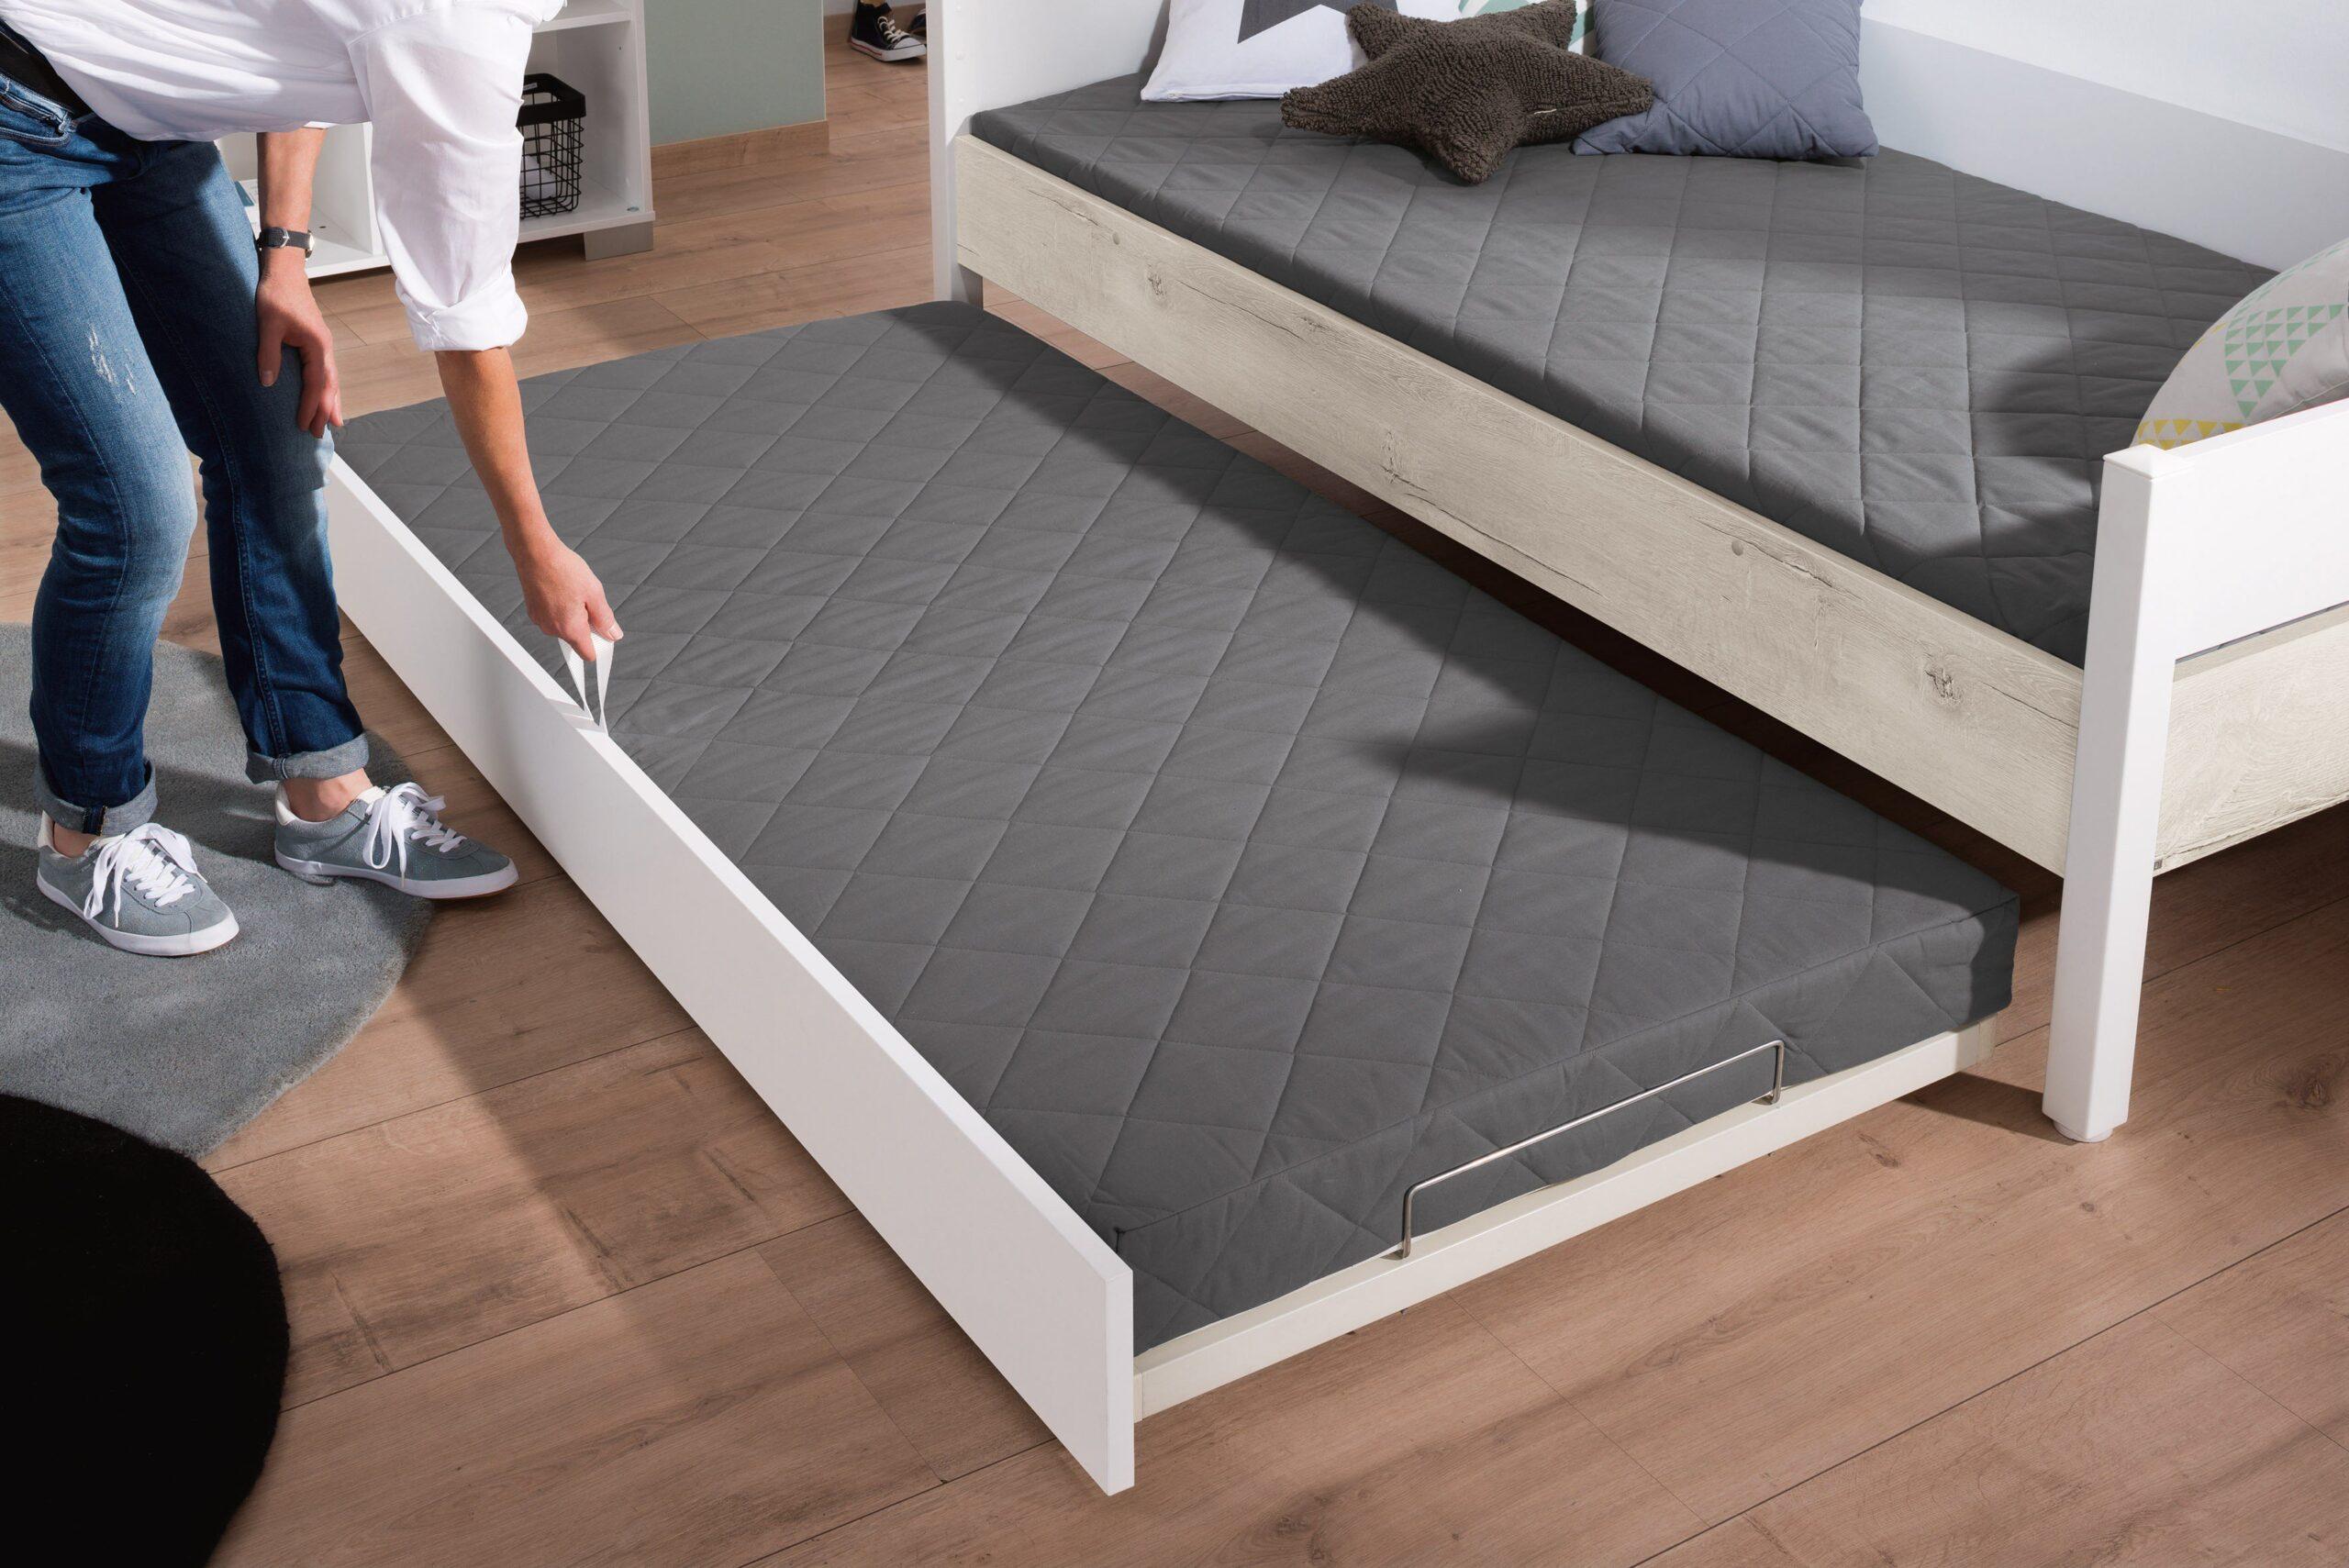 Full Size of Lattenrost Klappbar Ikea Bett Mit Ausziehbett 140x200 Betten Matratze Und 90x200 Bei Sofa Schlaffunktion Miniküche 160x200 Modulküche Ausklappbar 120x200 Wohnzimmer Lattenrost Klappbar Ikea